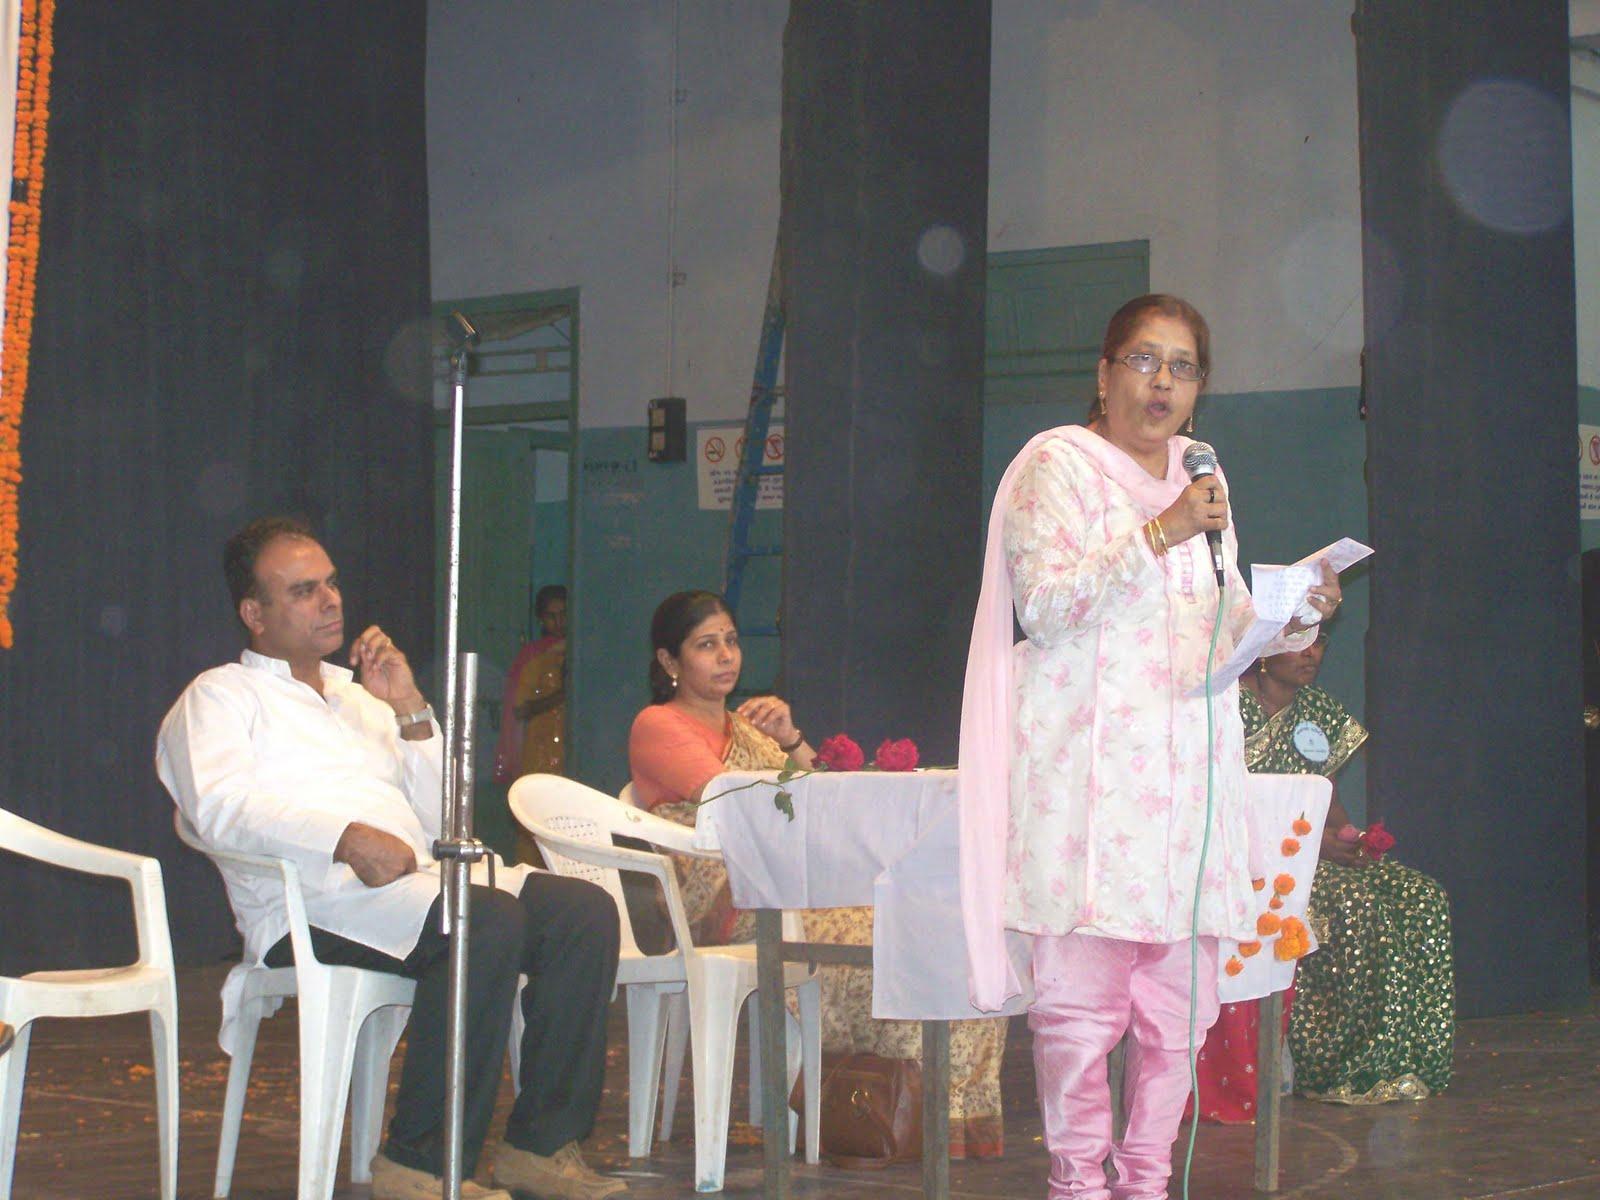 nar aur nari ek saman Kanak saman kalevar,  aur bajat damru    jai ambe gauri     sevat nar nari    jai ambe gauri    kanchan thal virajat, agaru kapur bati.